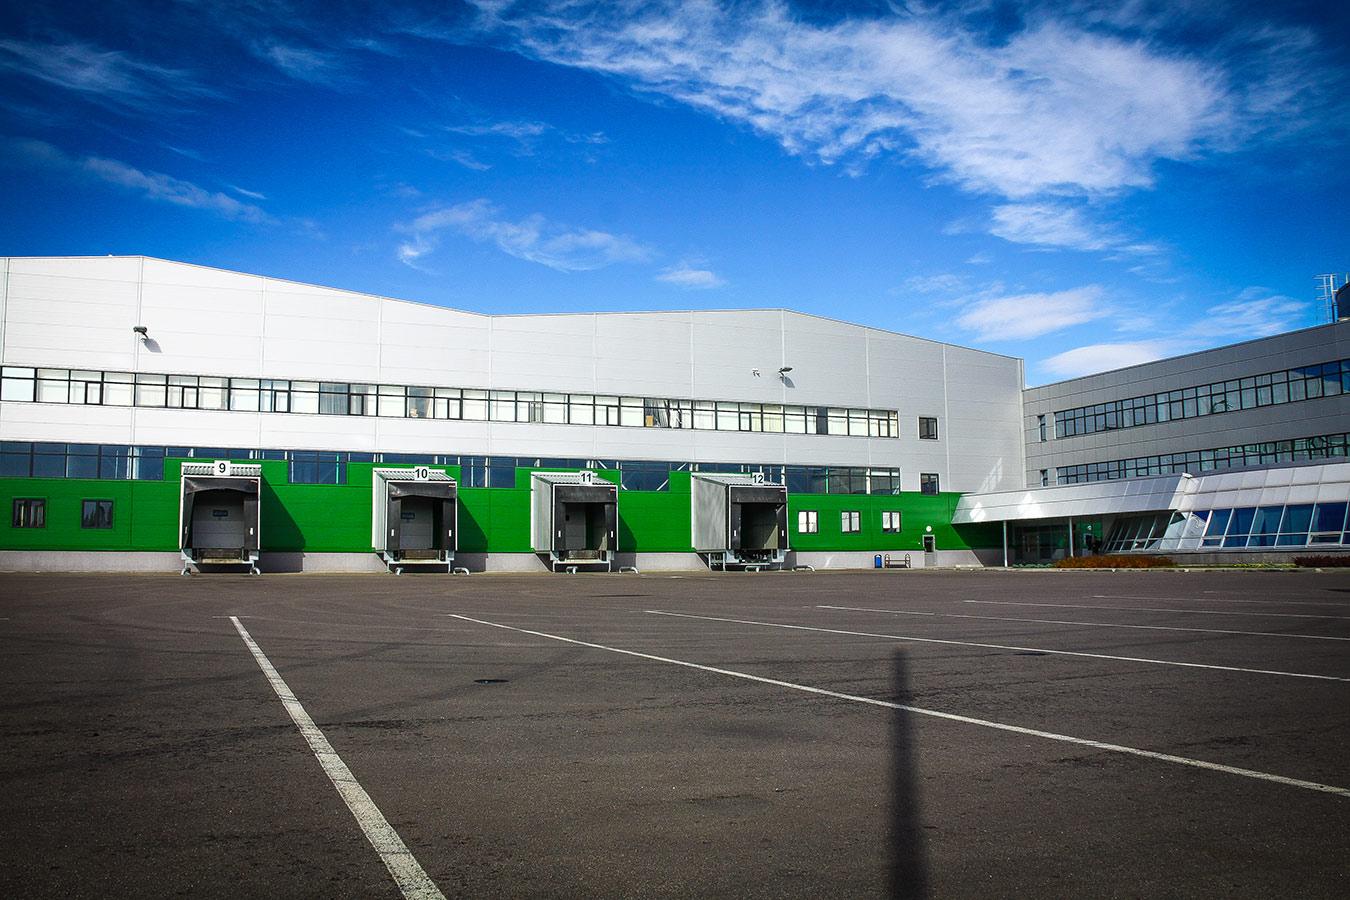 картинки складов и терминалов гипсокартона